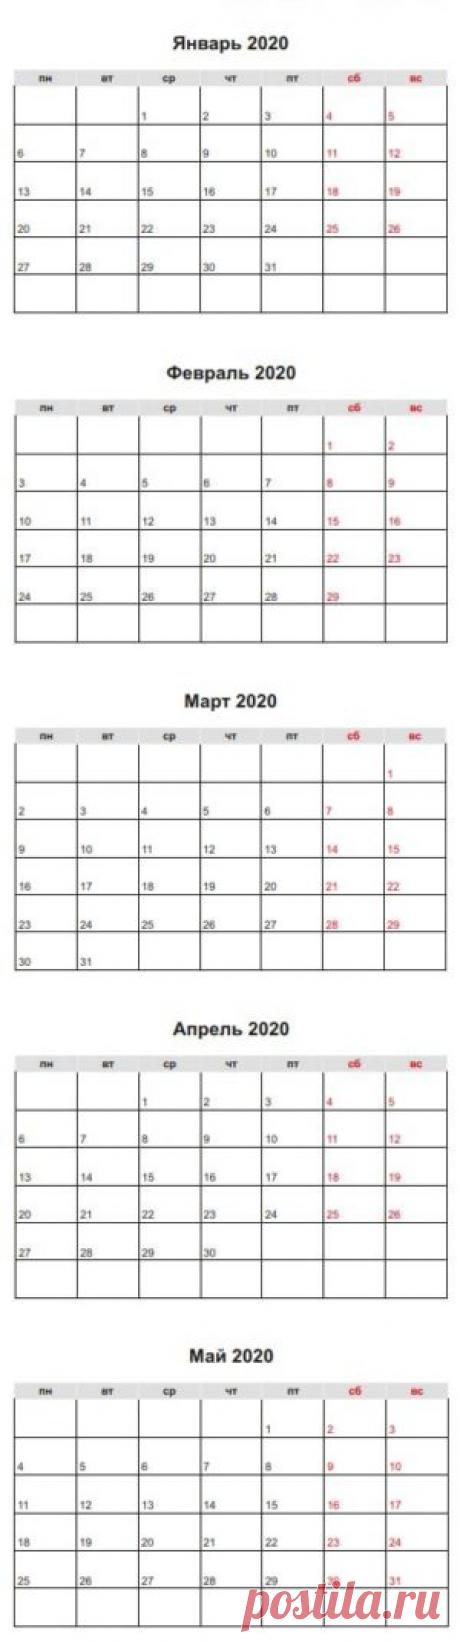 Календарь 2020 по месяцам для заметок с ячейками скачать, распечатать